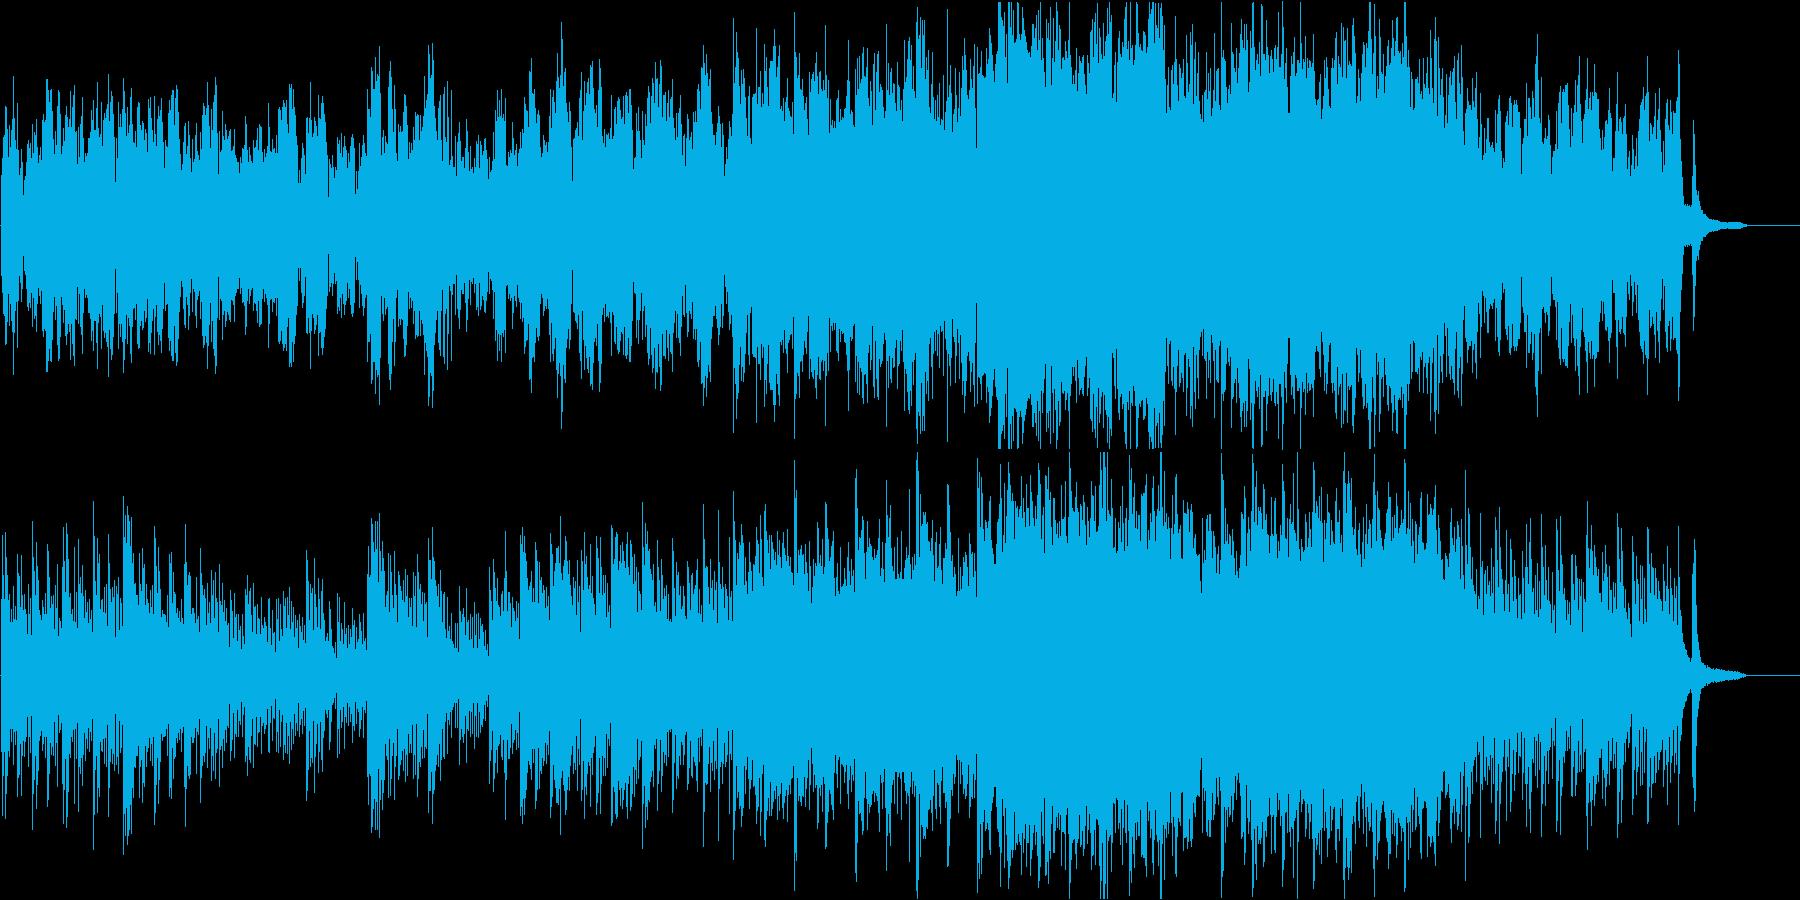 オーケストラ企業向 静かなピアノ感動壮大の再生済みの波形